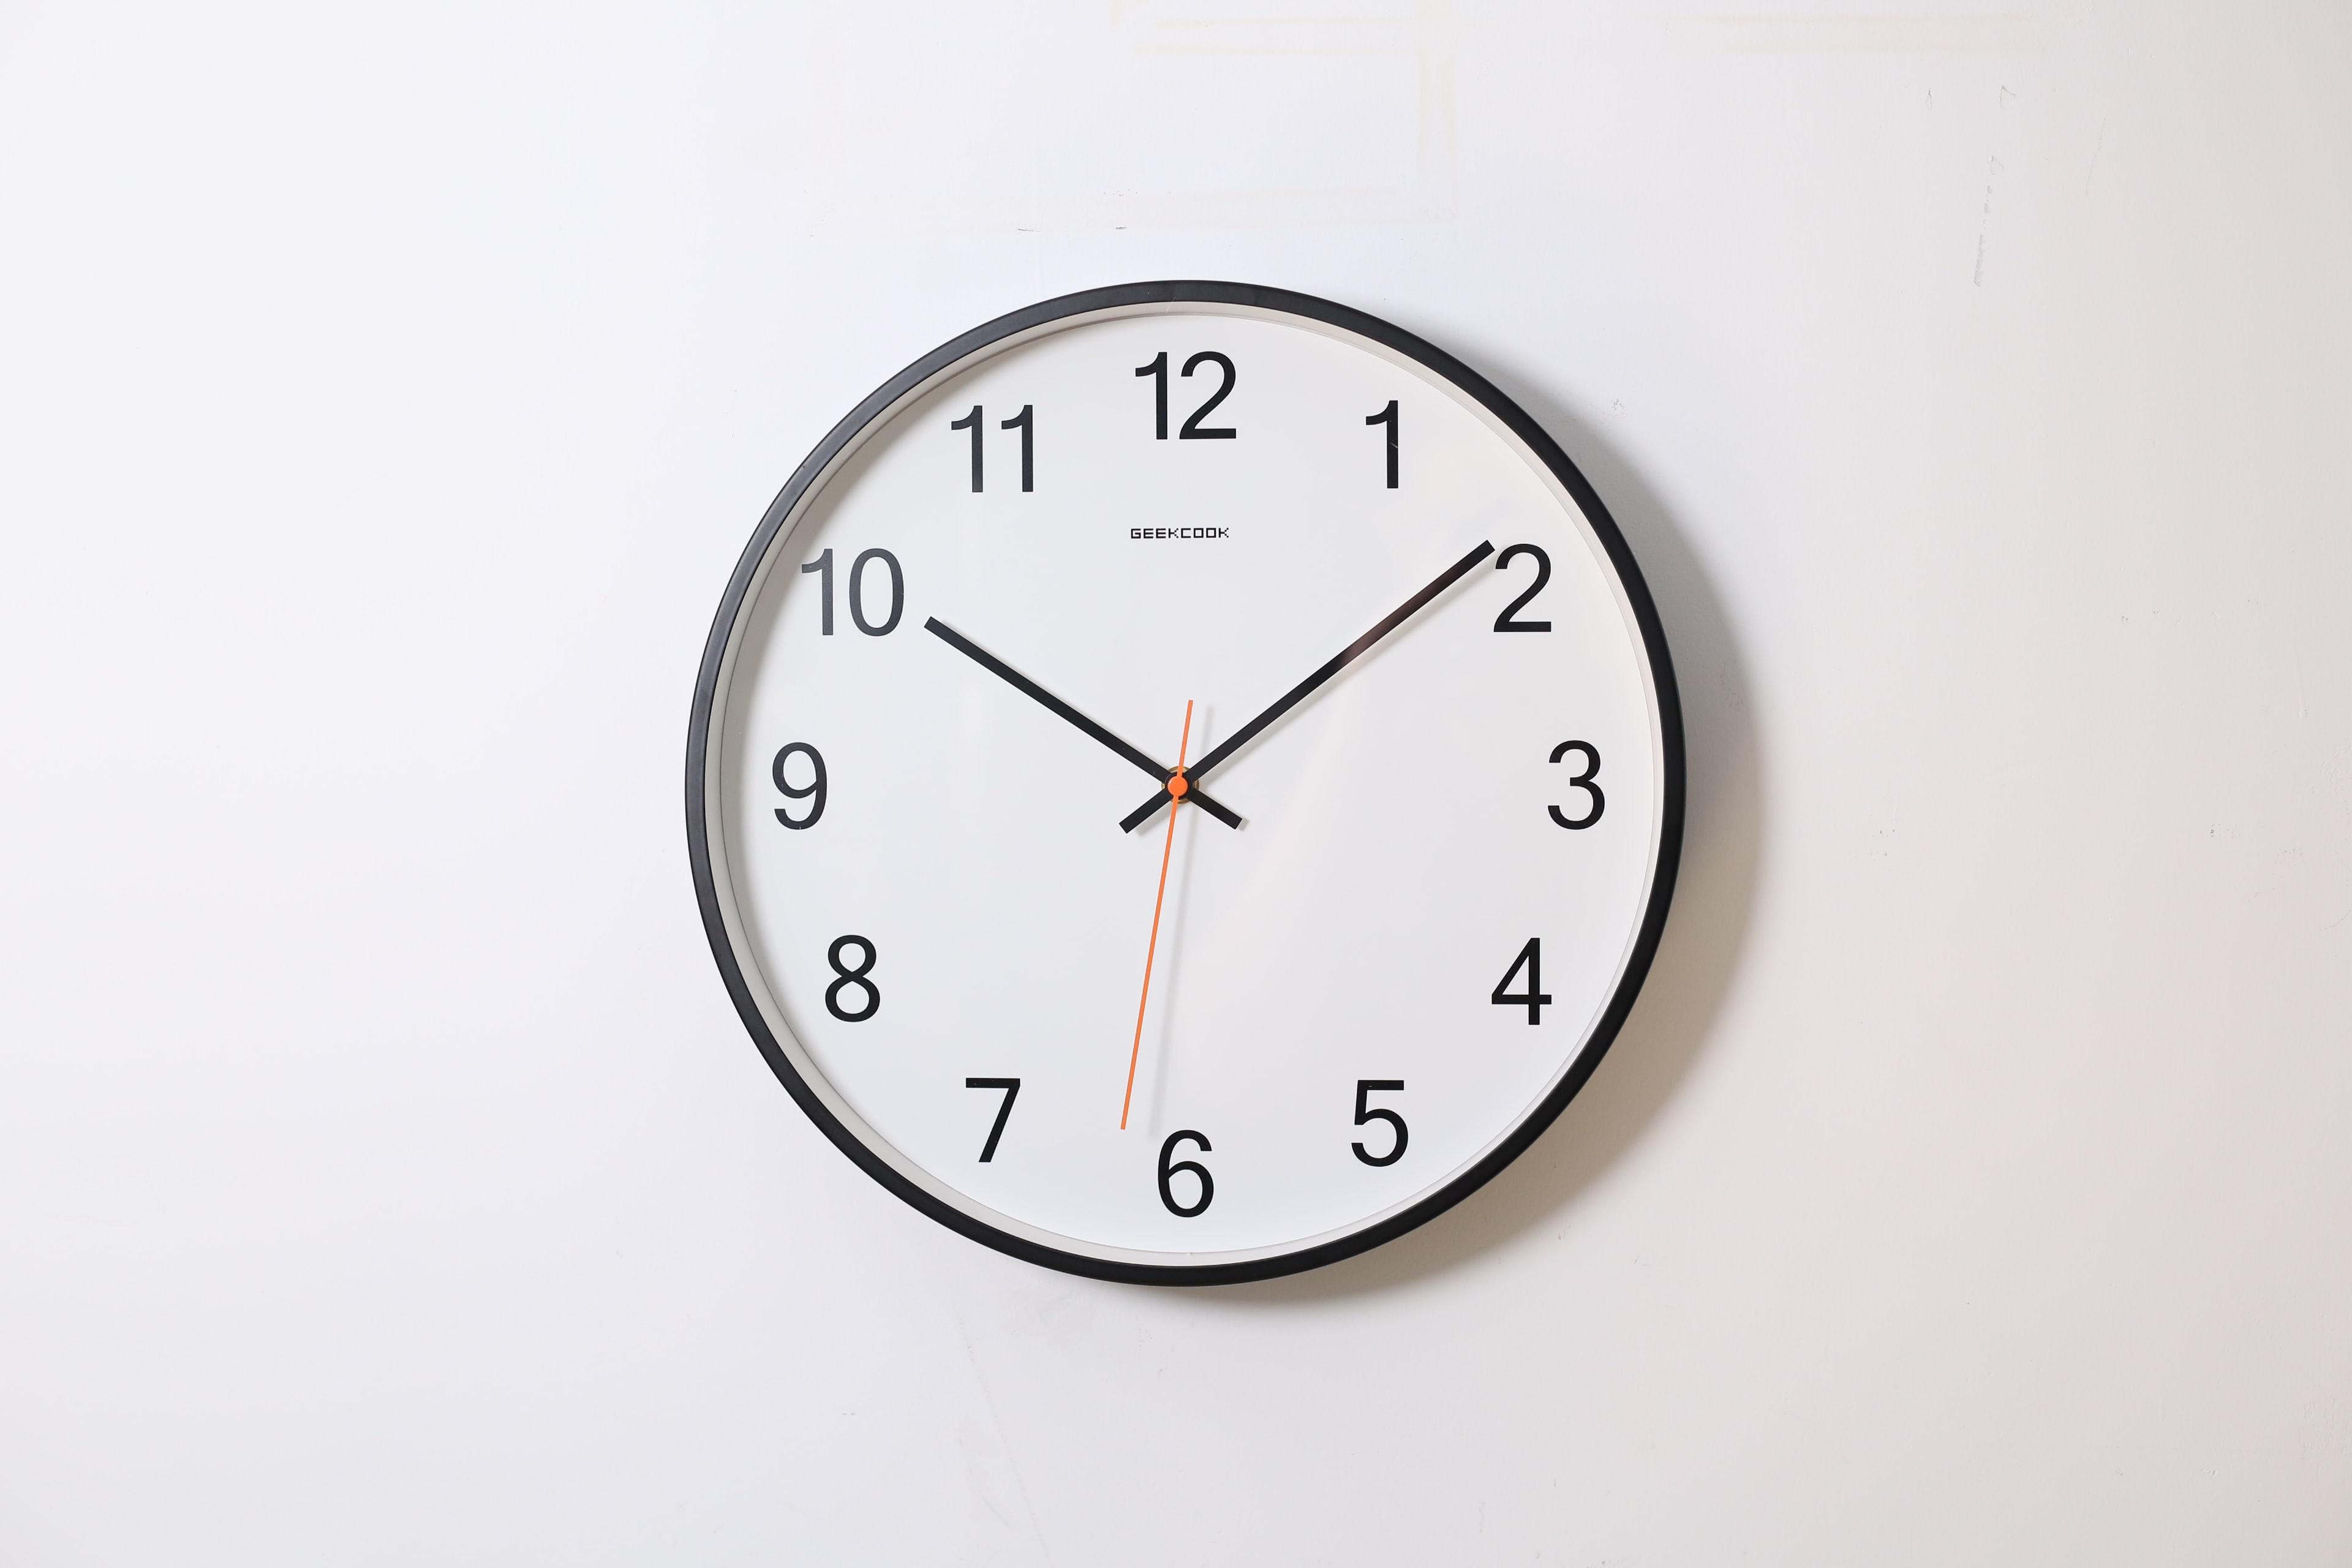 テレアポは時間帯が重要!業種ごとのオススメのタイミングや注意点を解説!